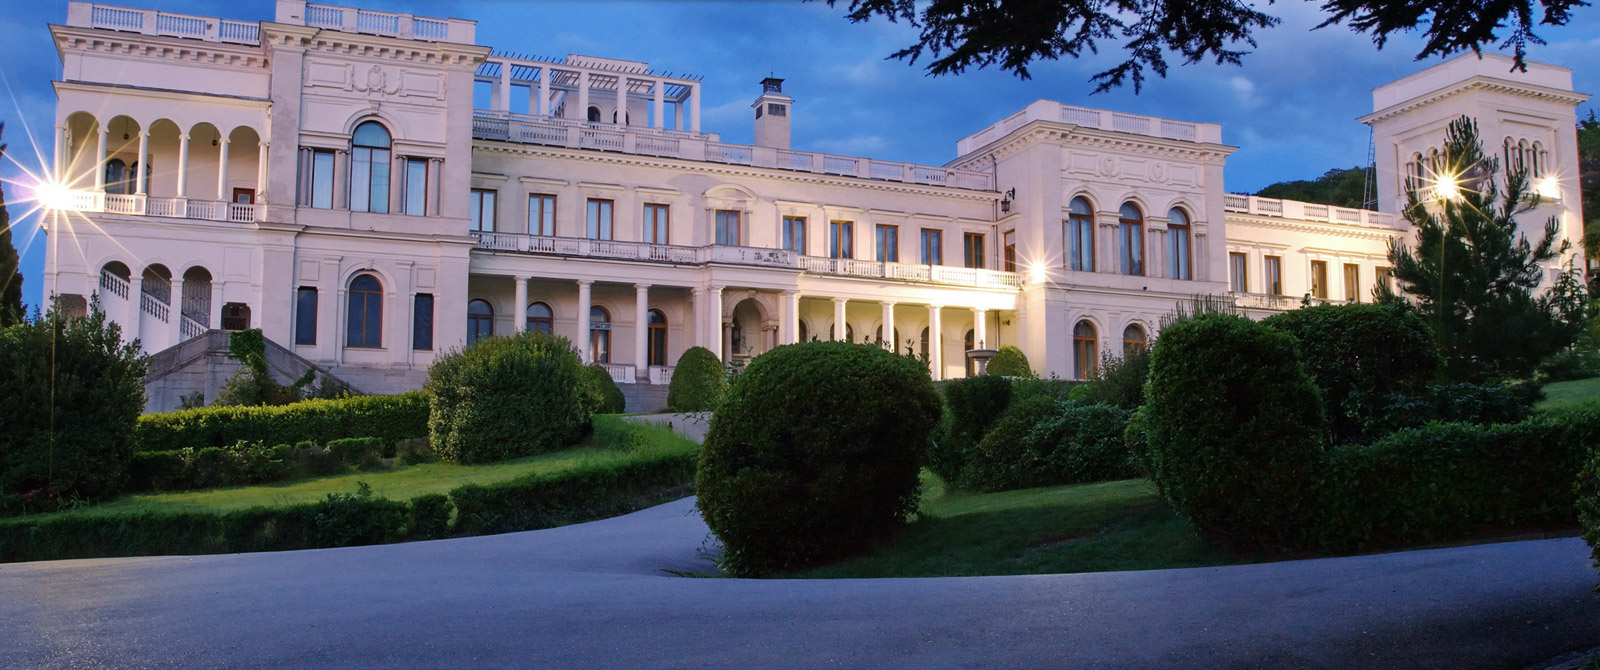 ялта фото ливадийский дворец